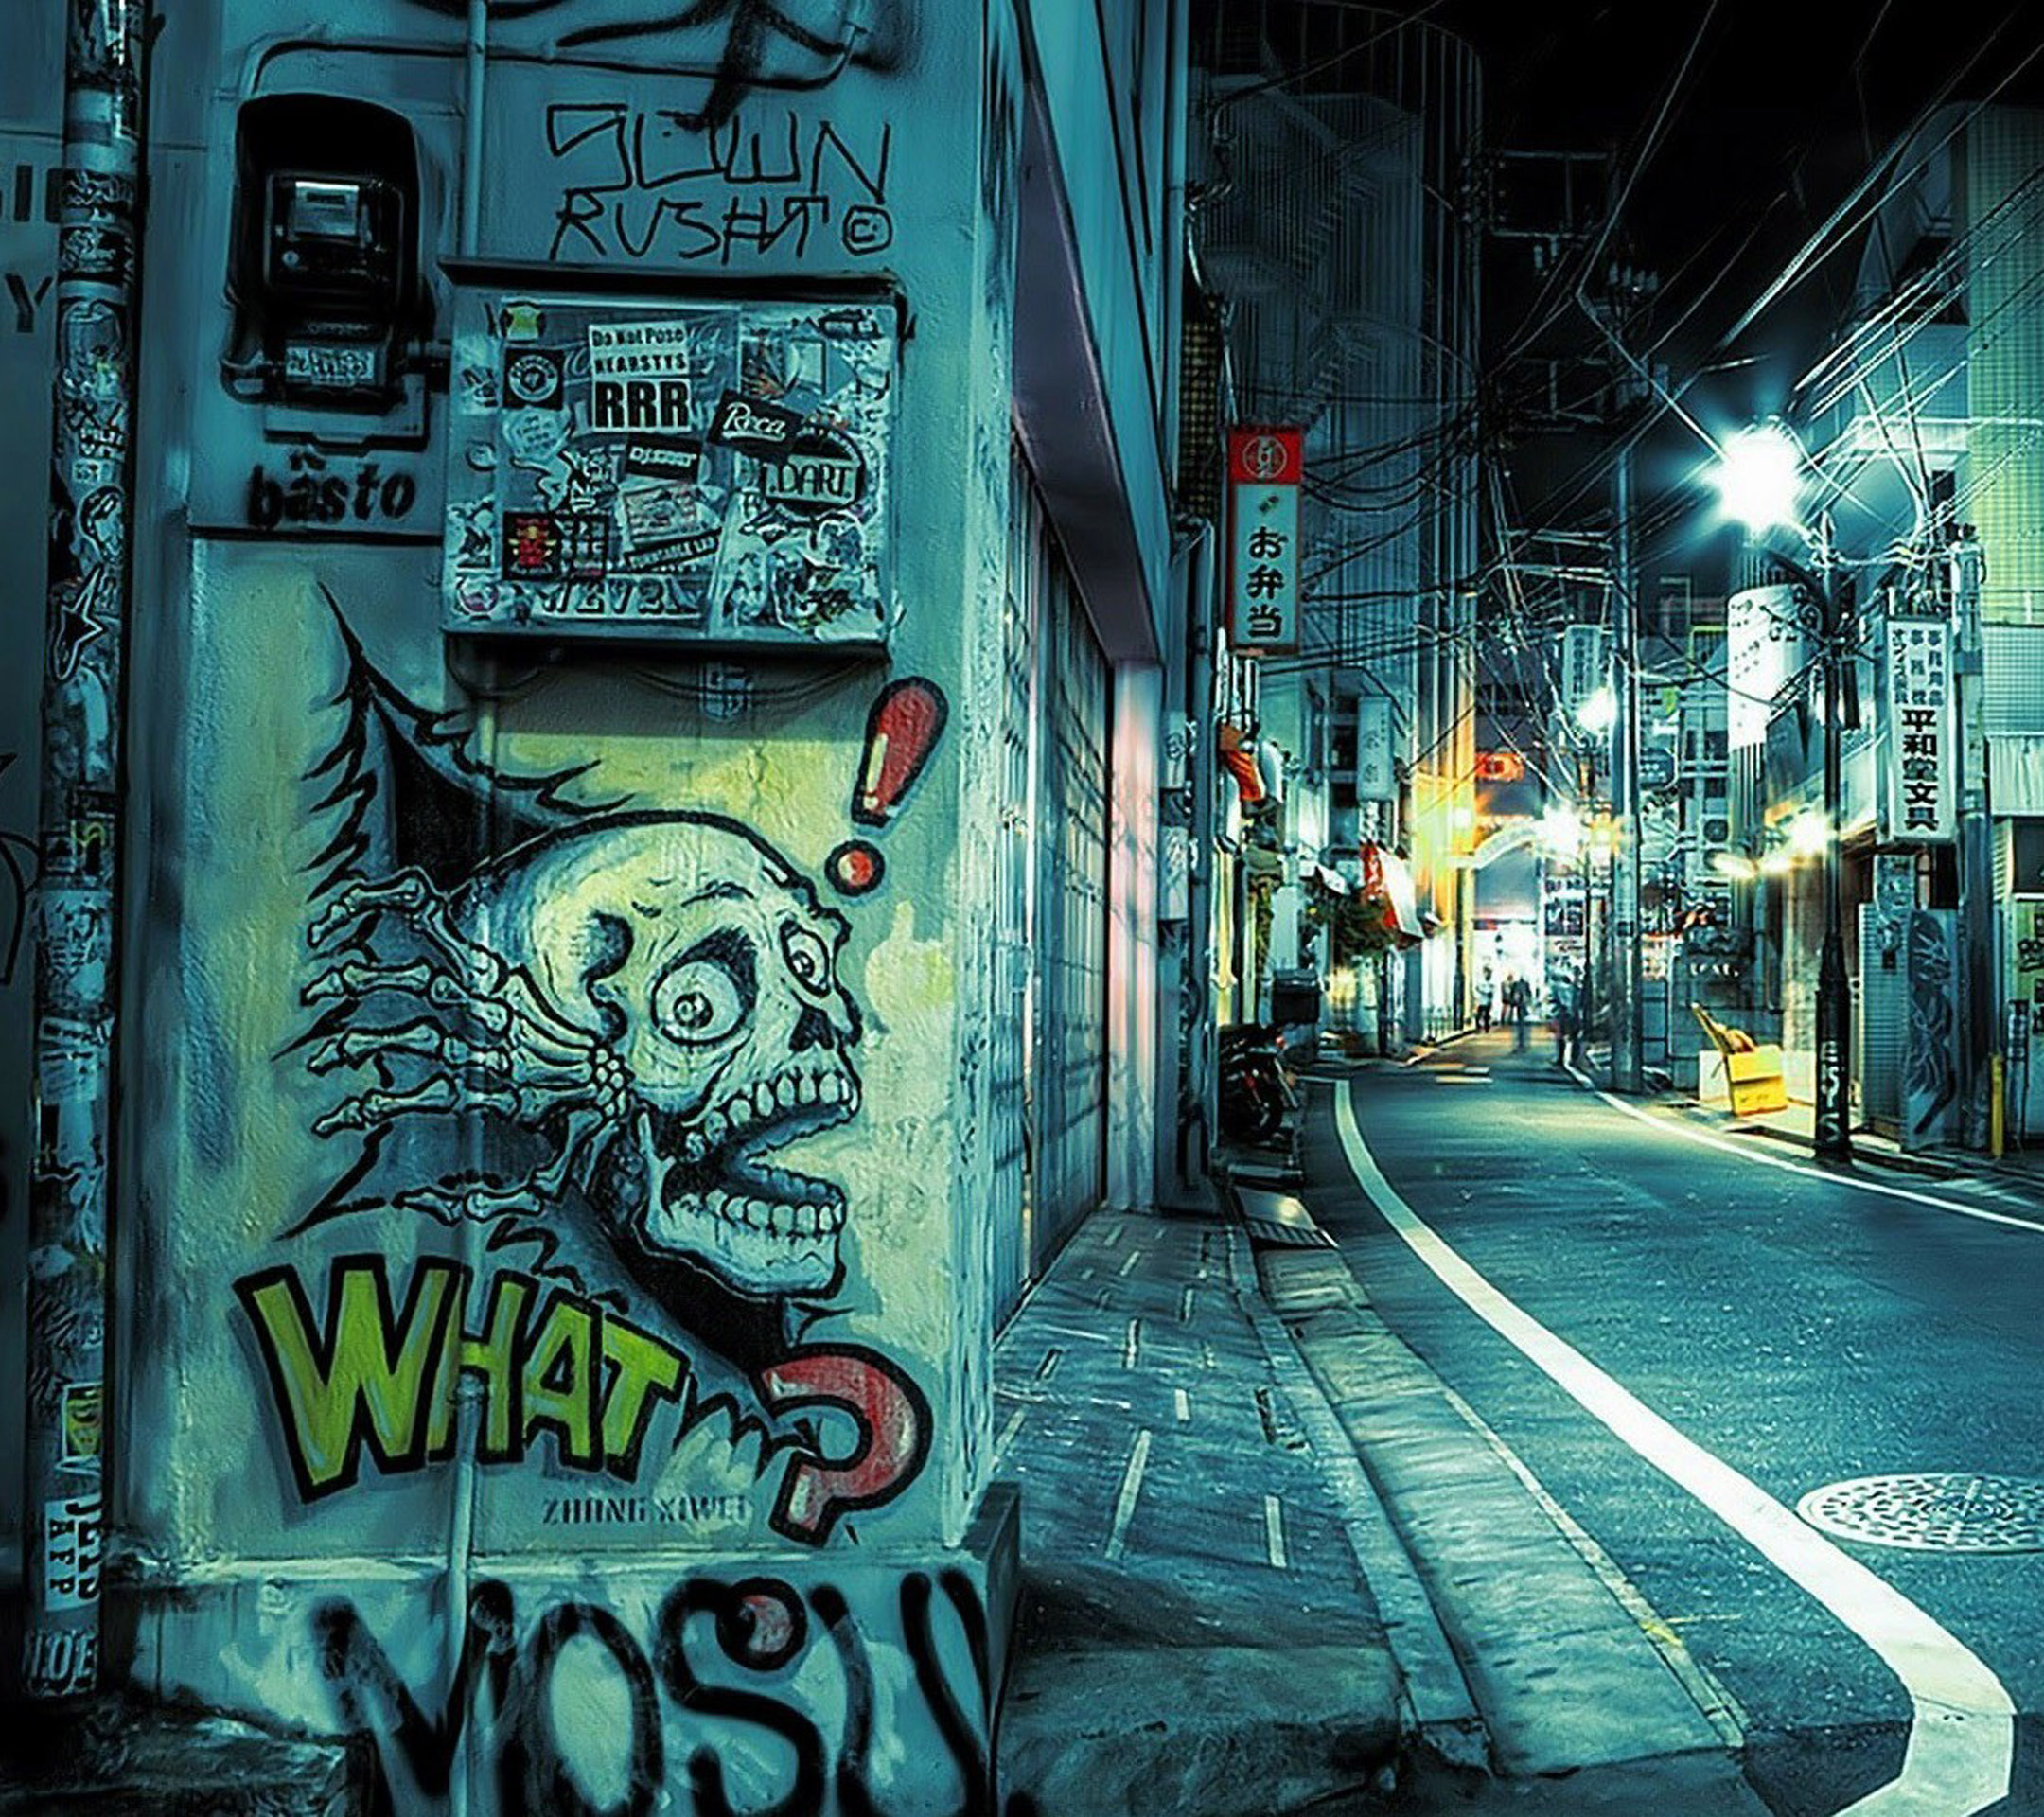 Street Graffiti wallpaper 10104945